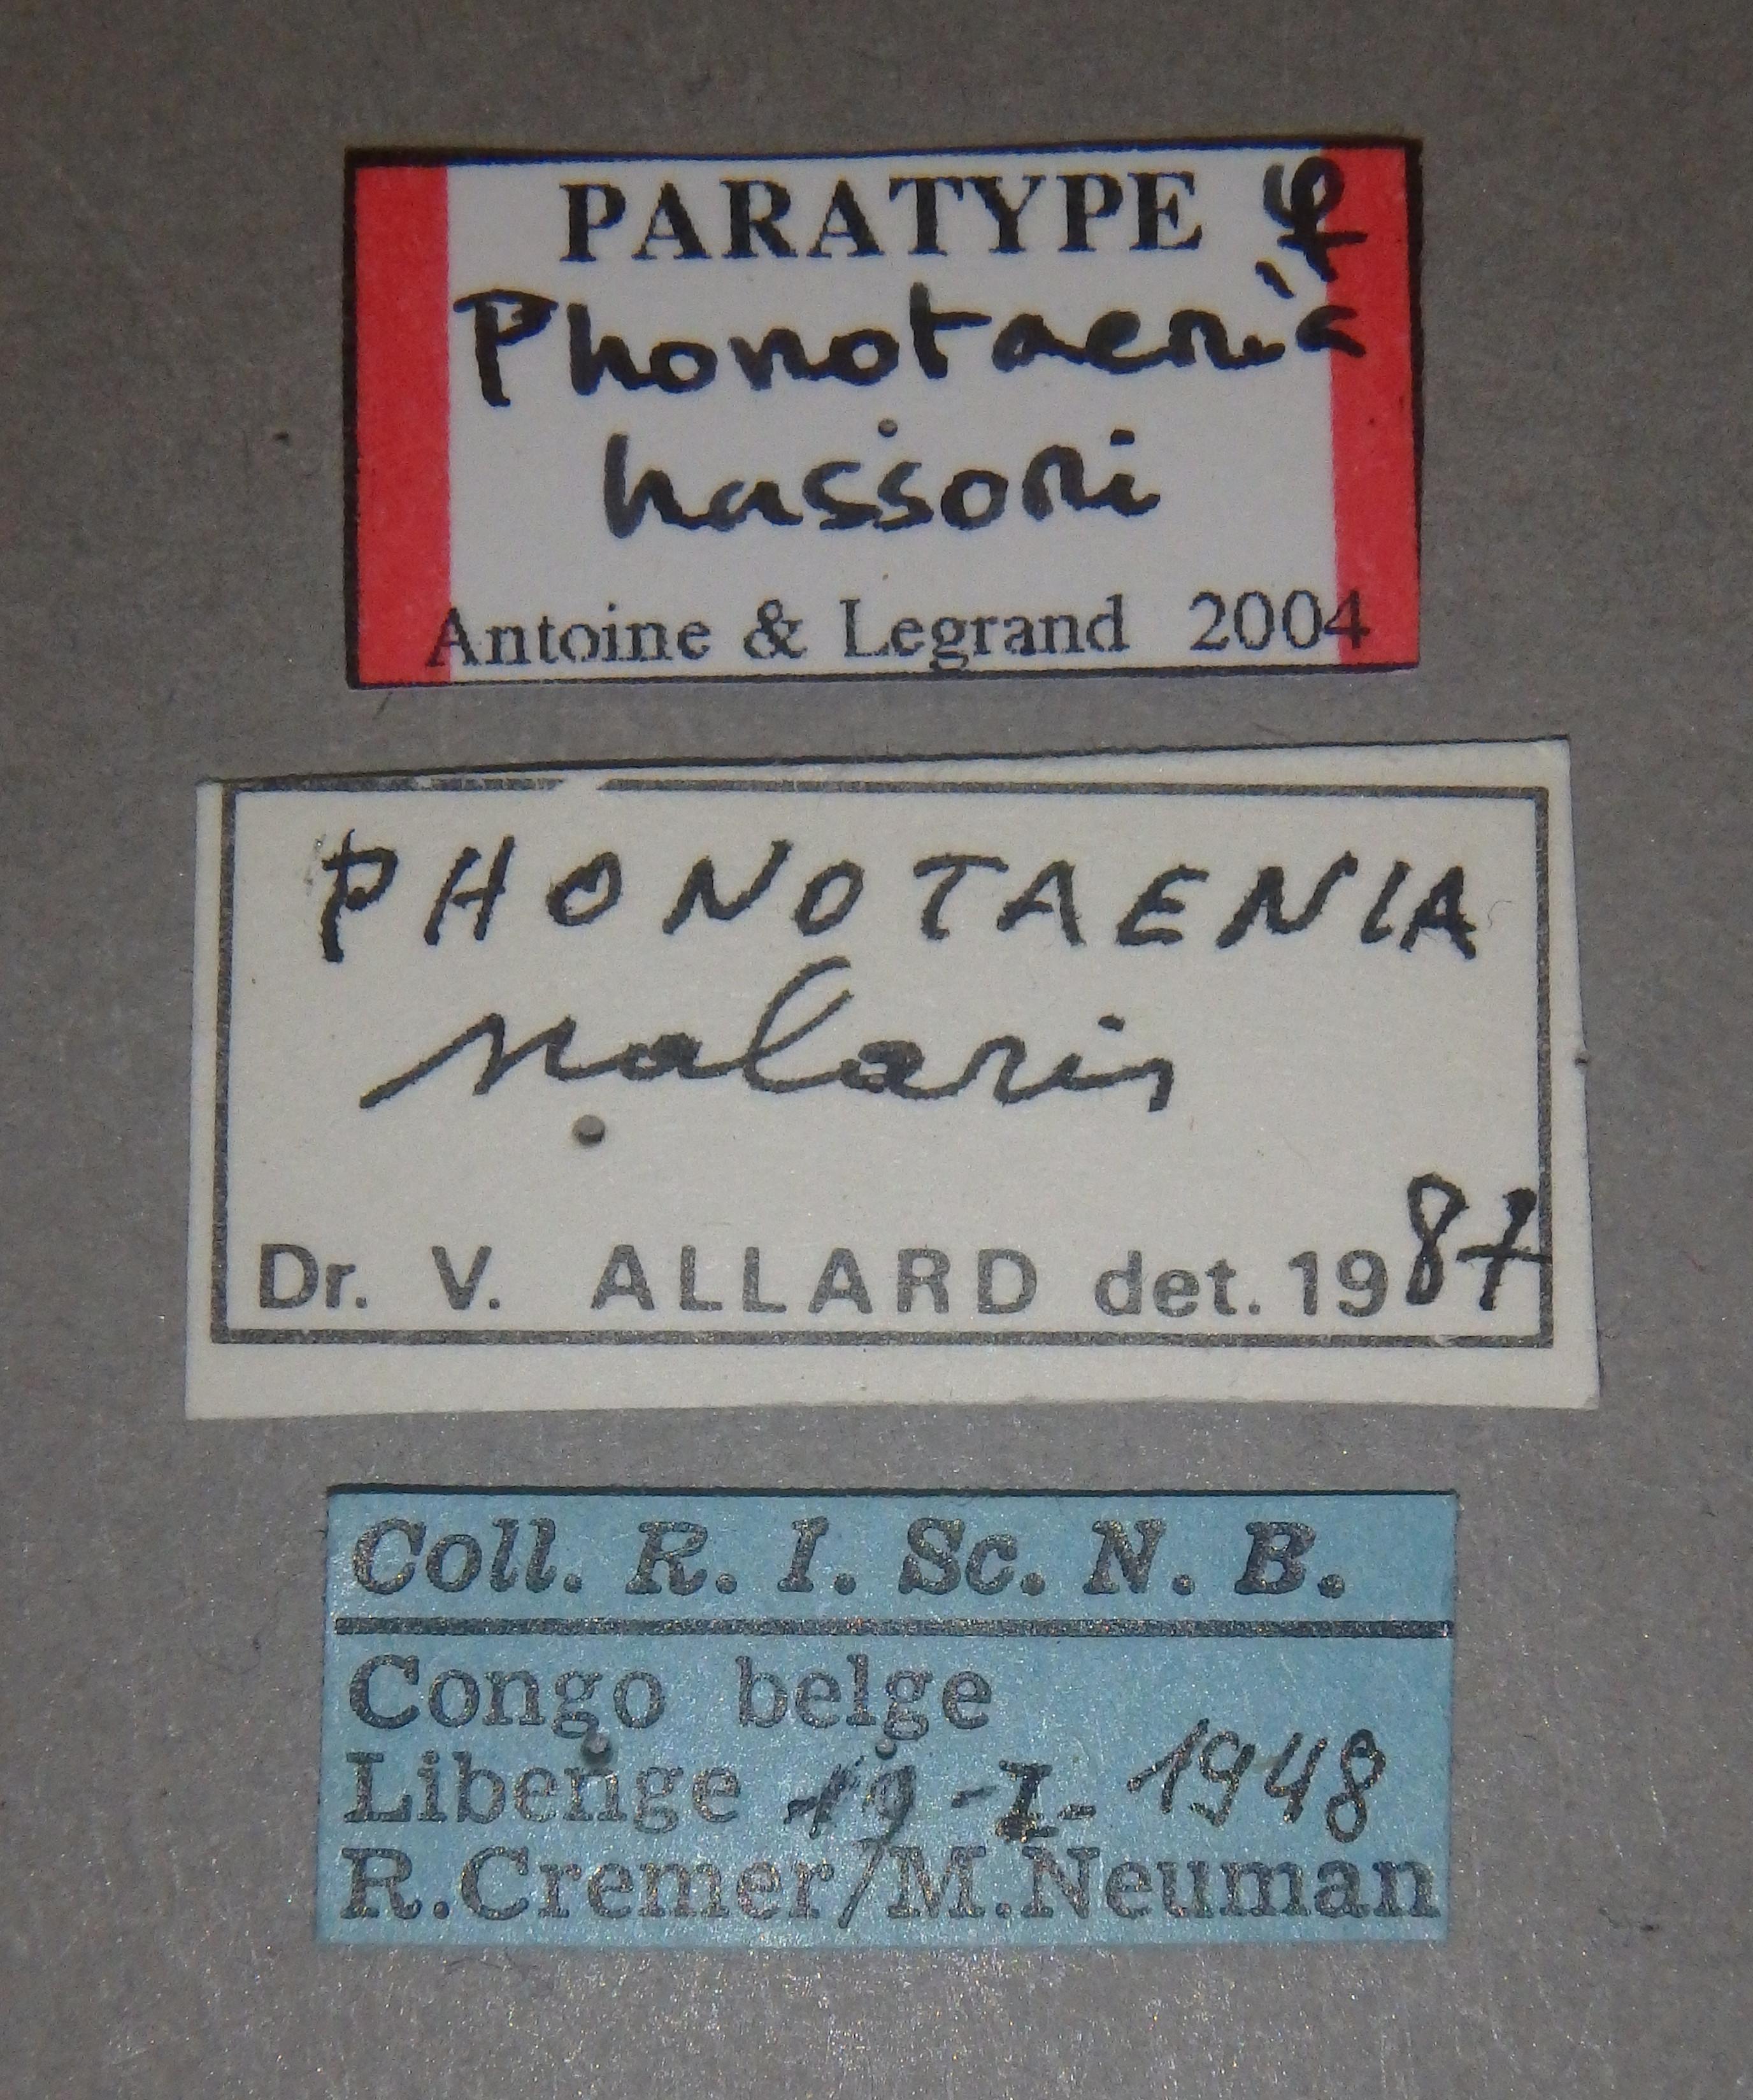 Phonotaenia hassoni pt2 Lb.JPG